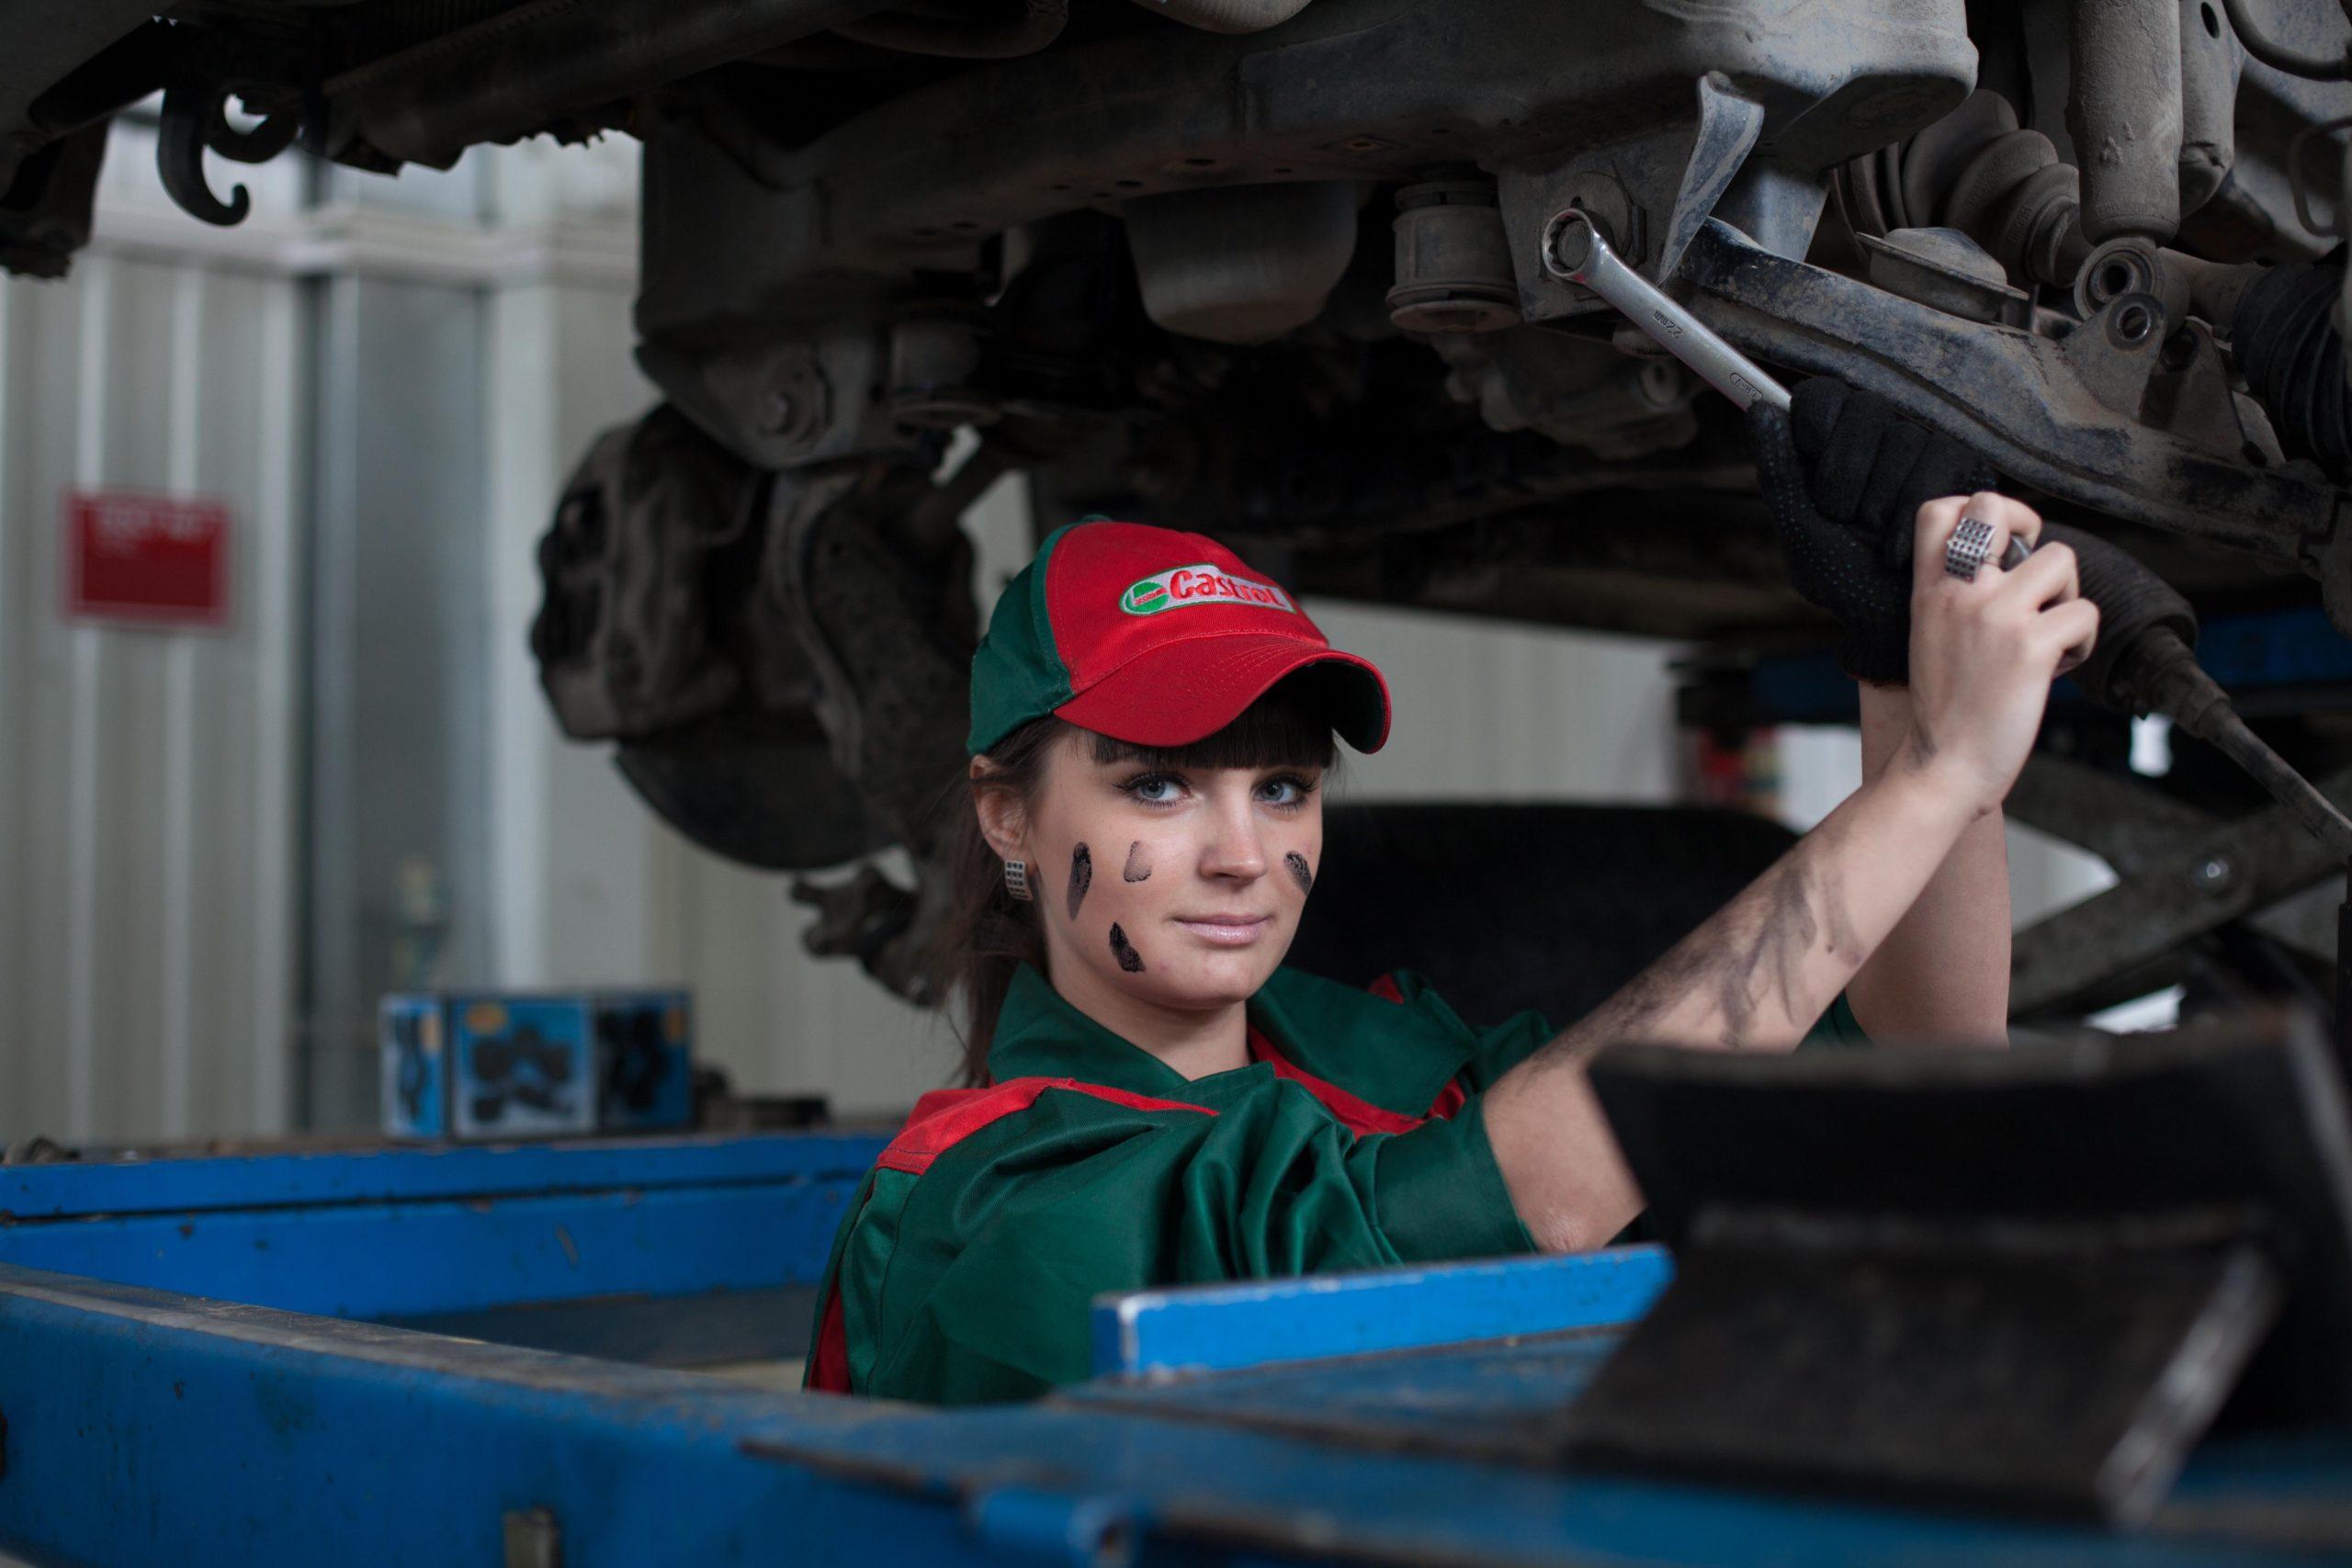 Problemy mechaników i klientów warsztatów samochodowych